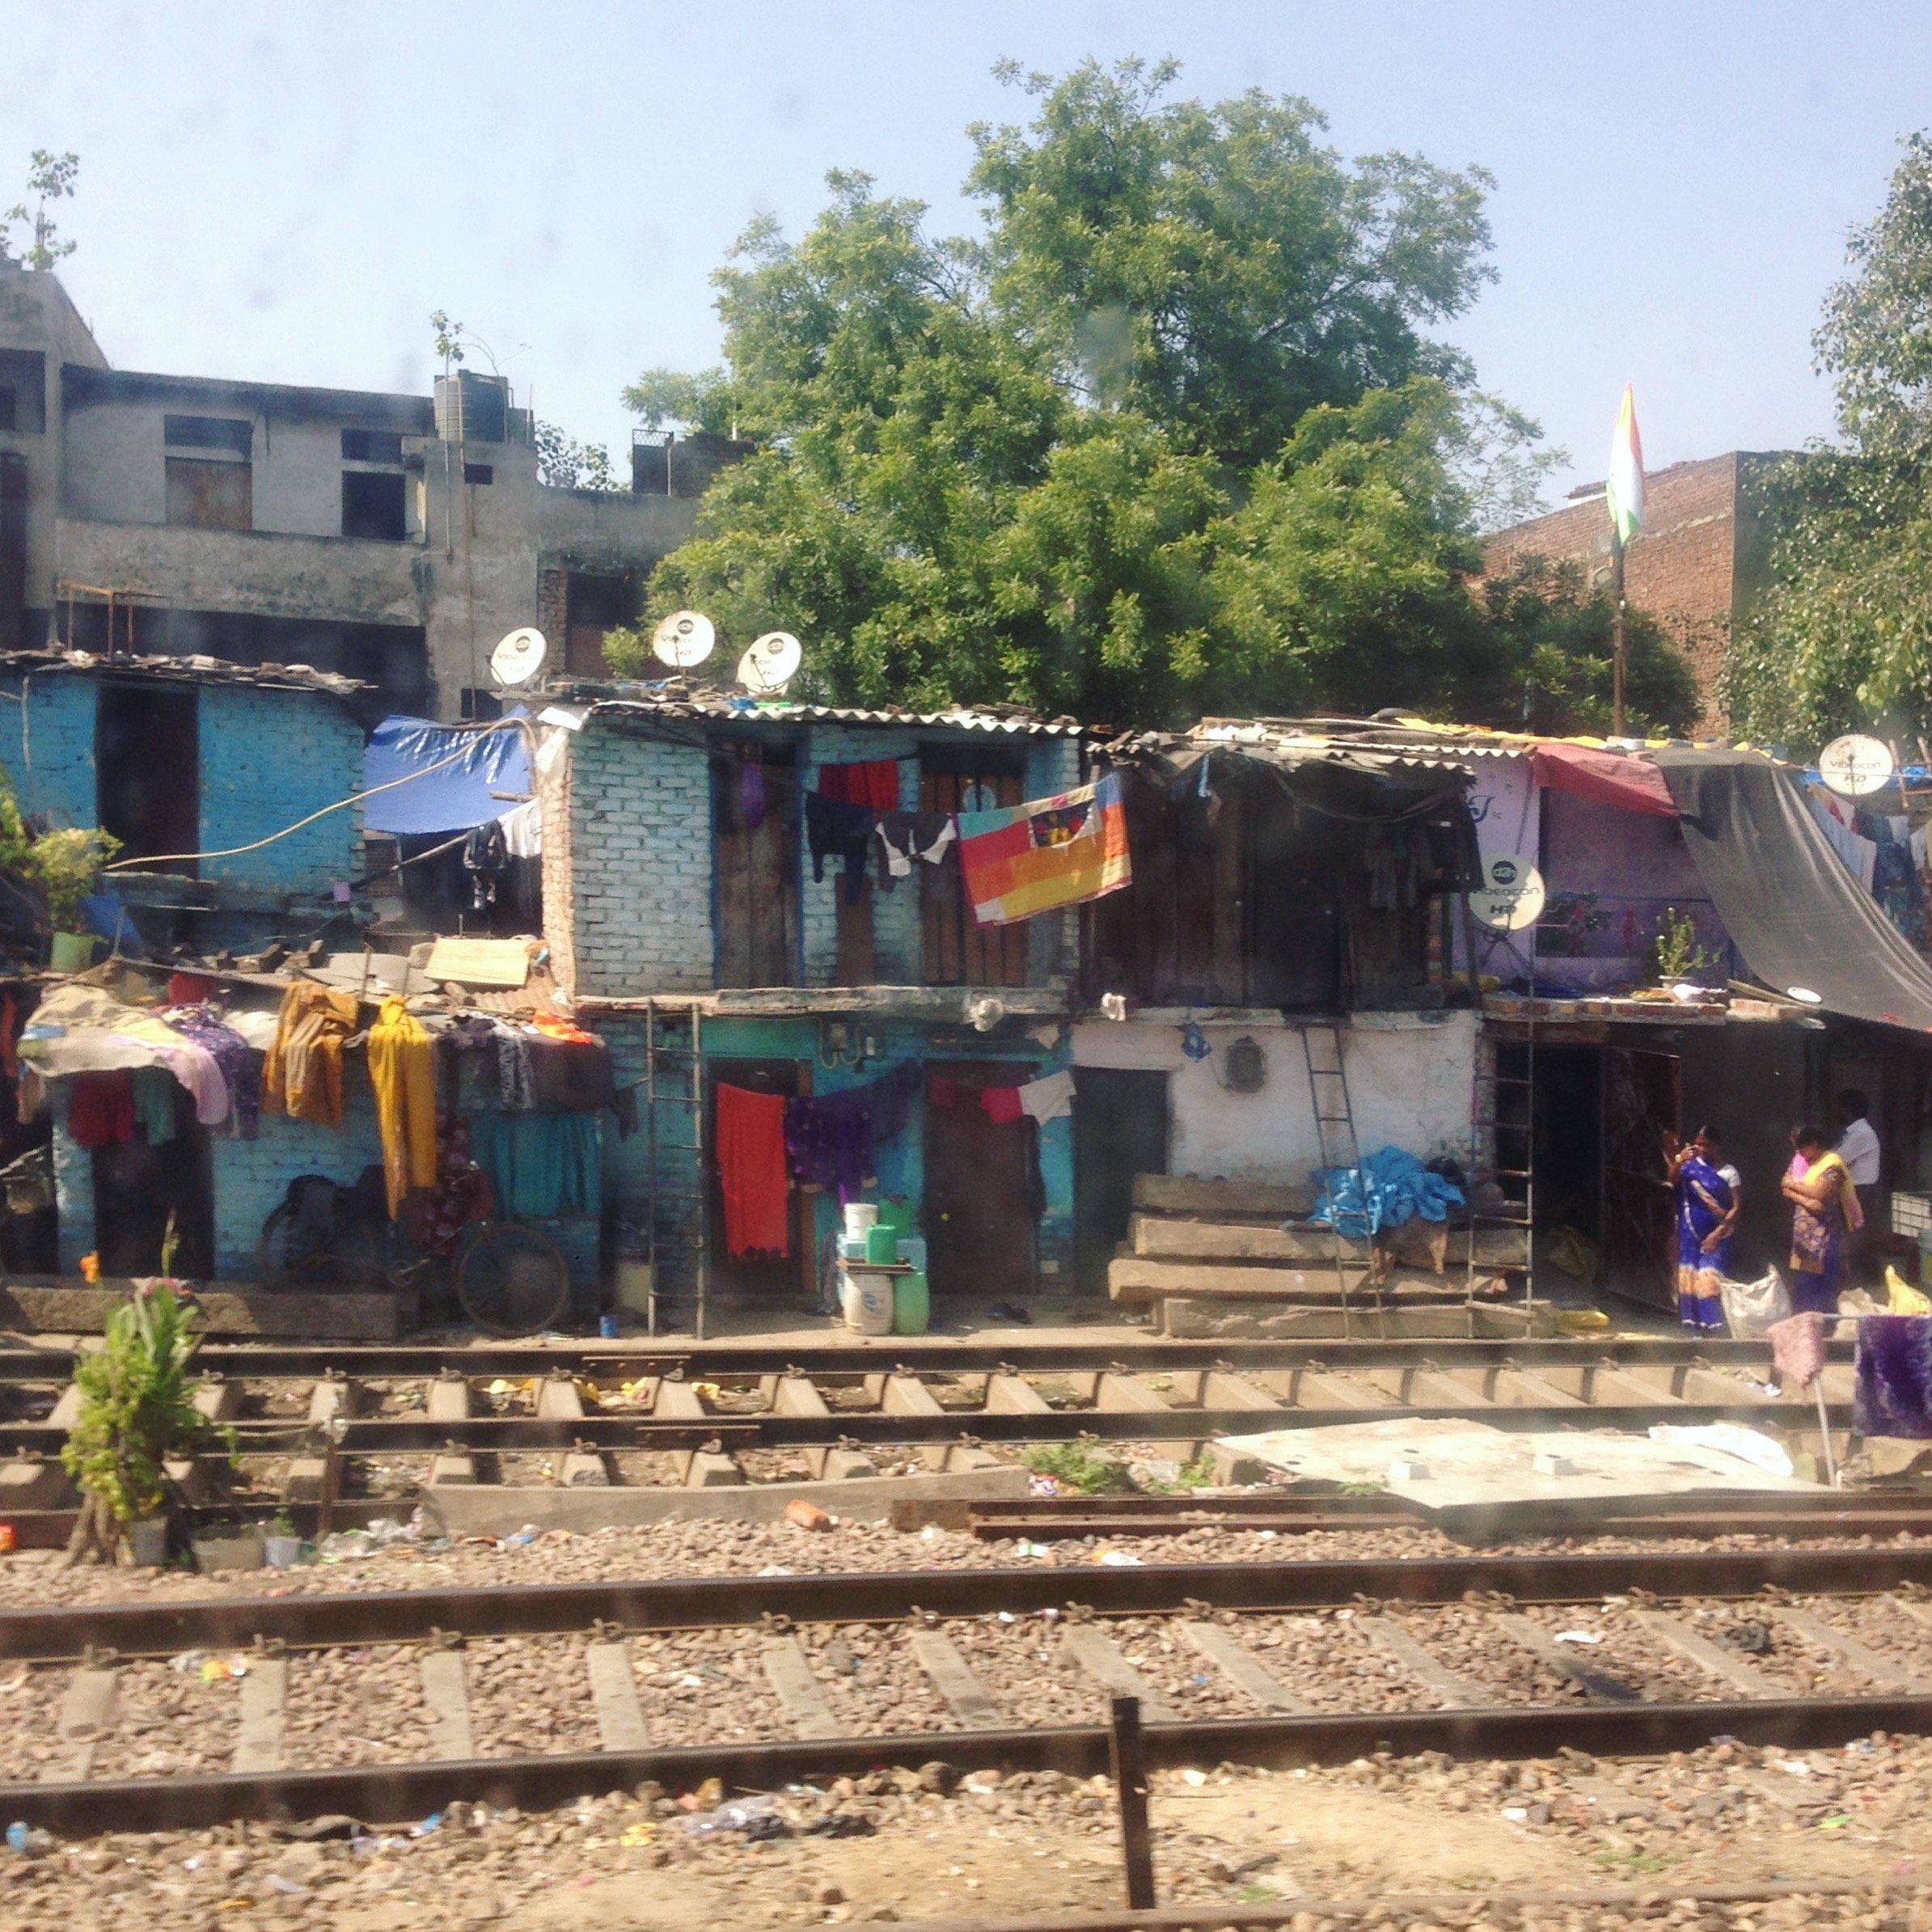 Vue depuis le train Delhi-Jaipur